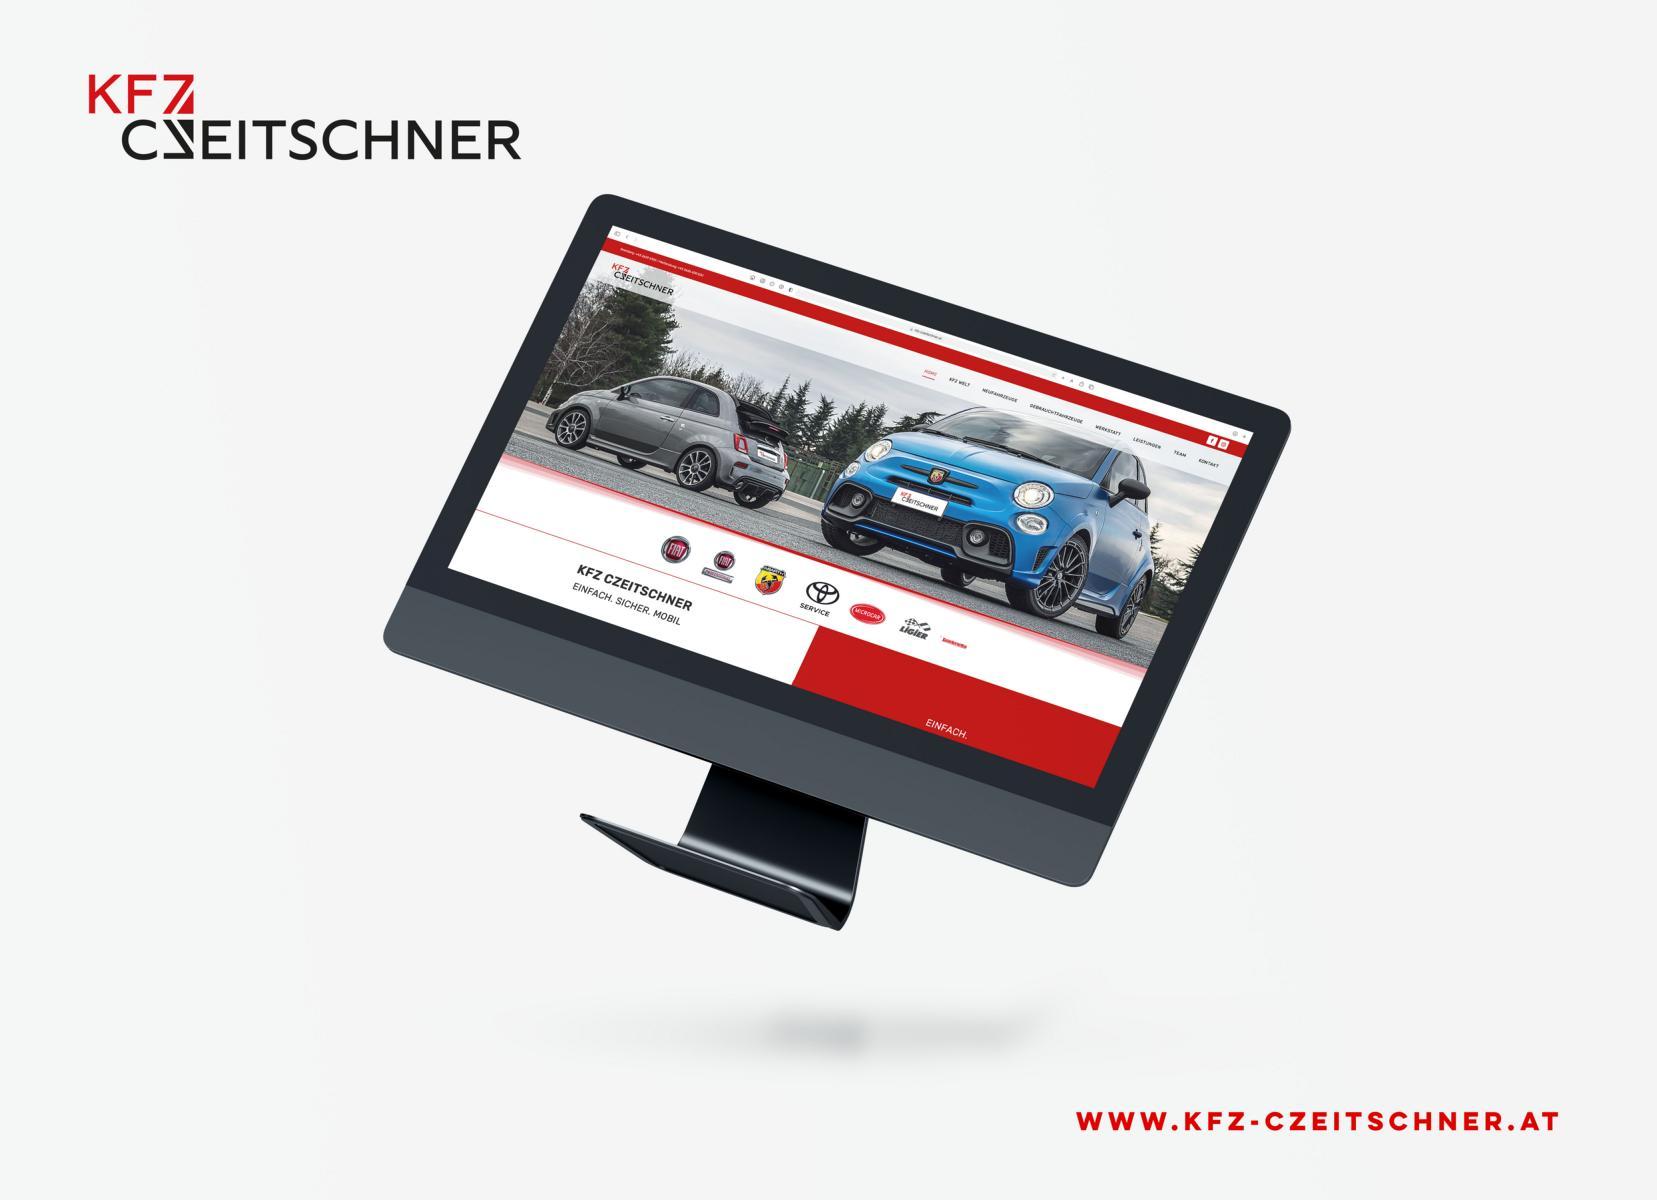 K1600_Czeitschner_Web_Mockup